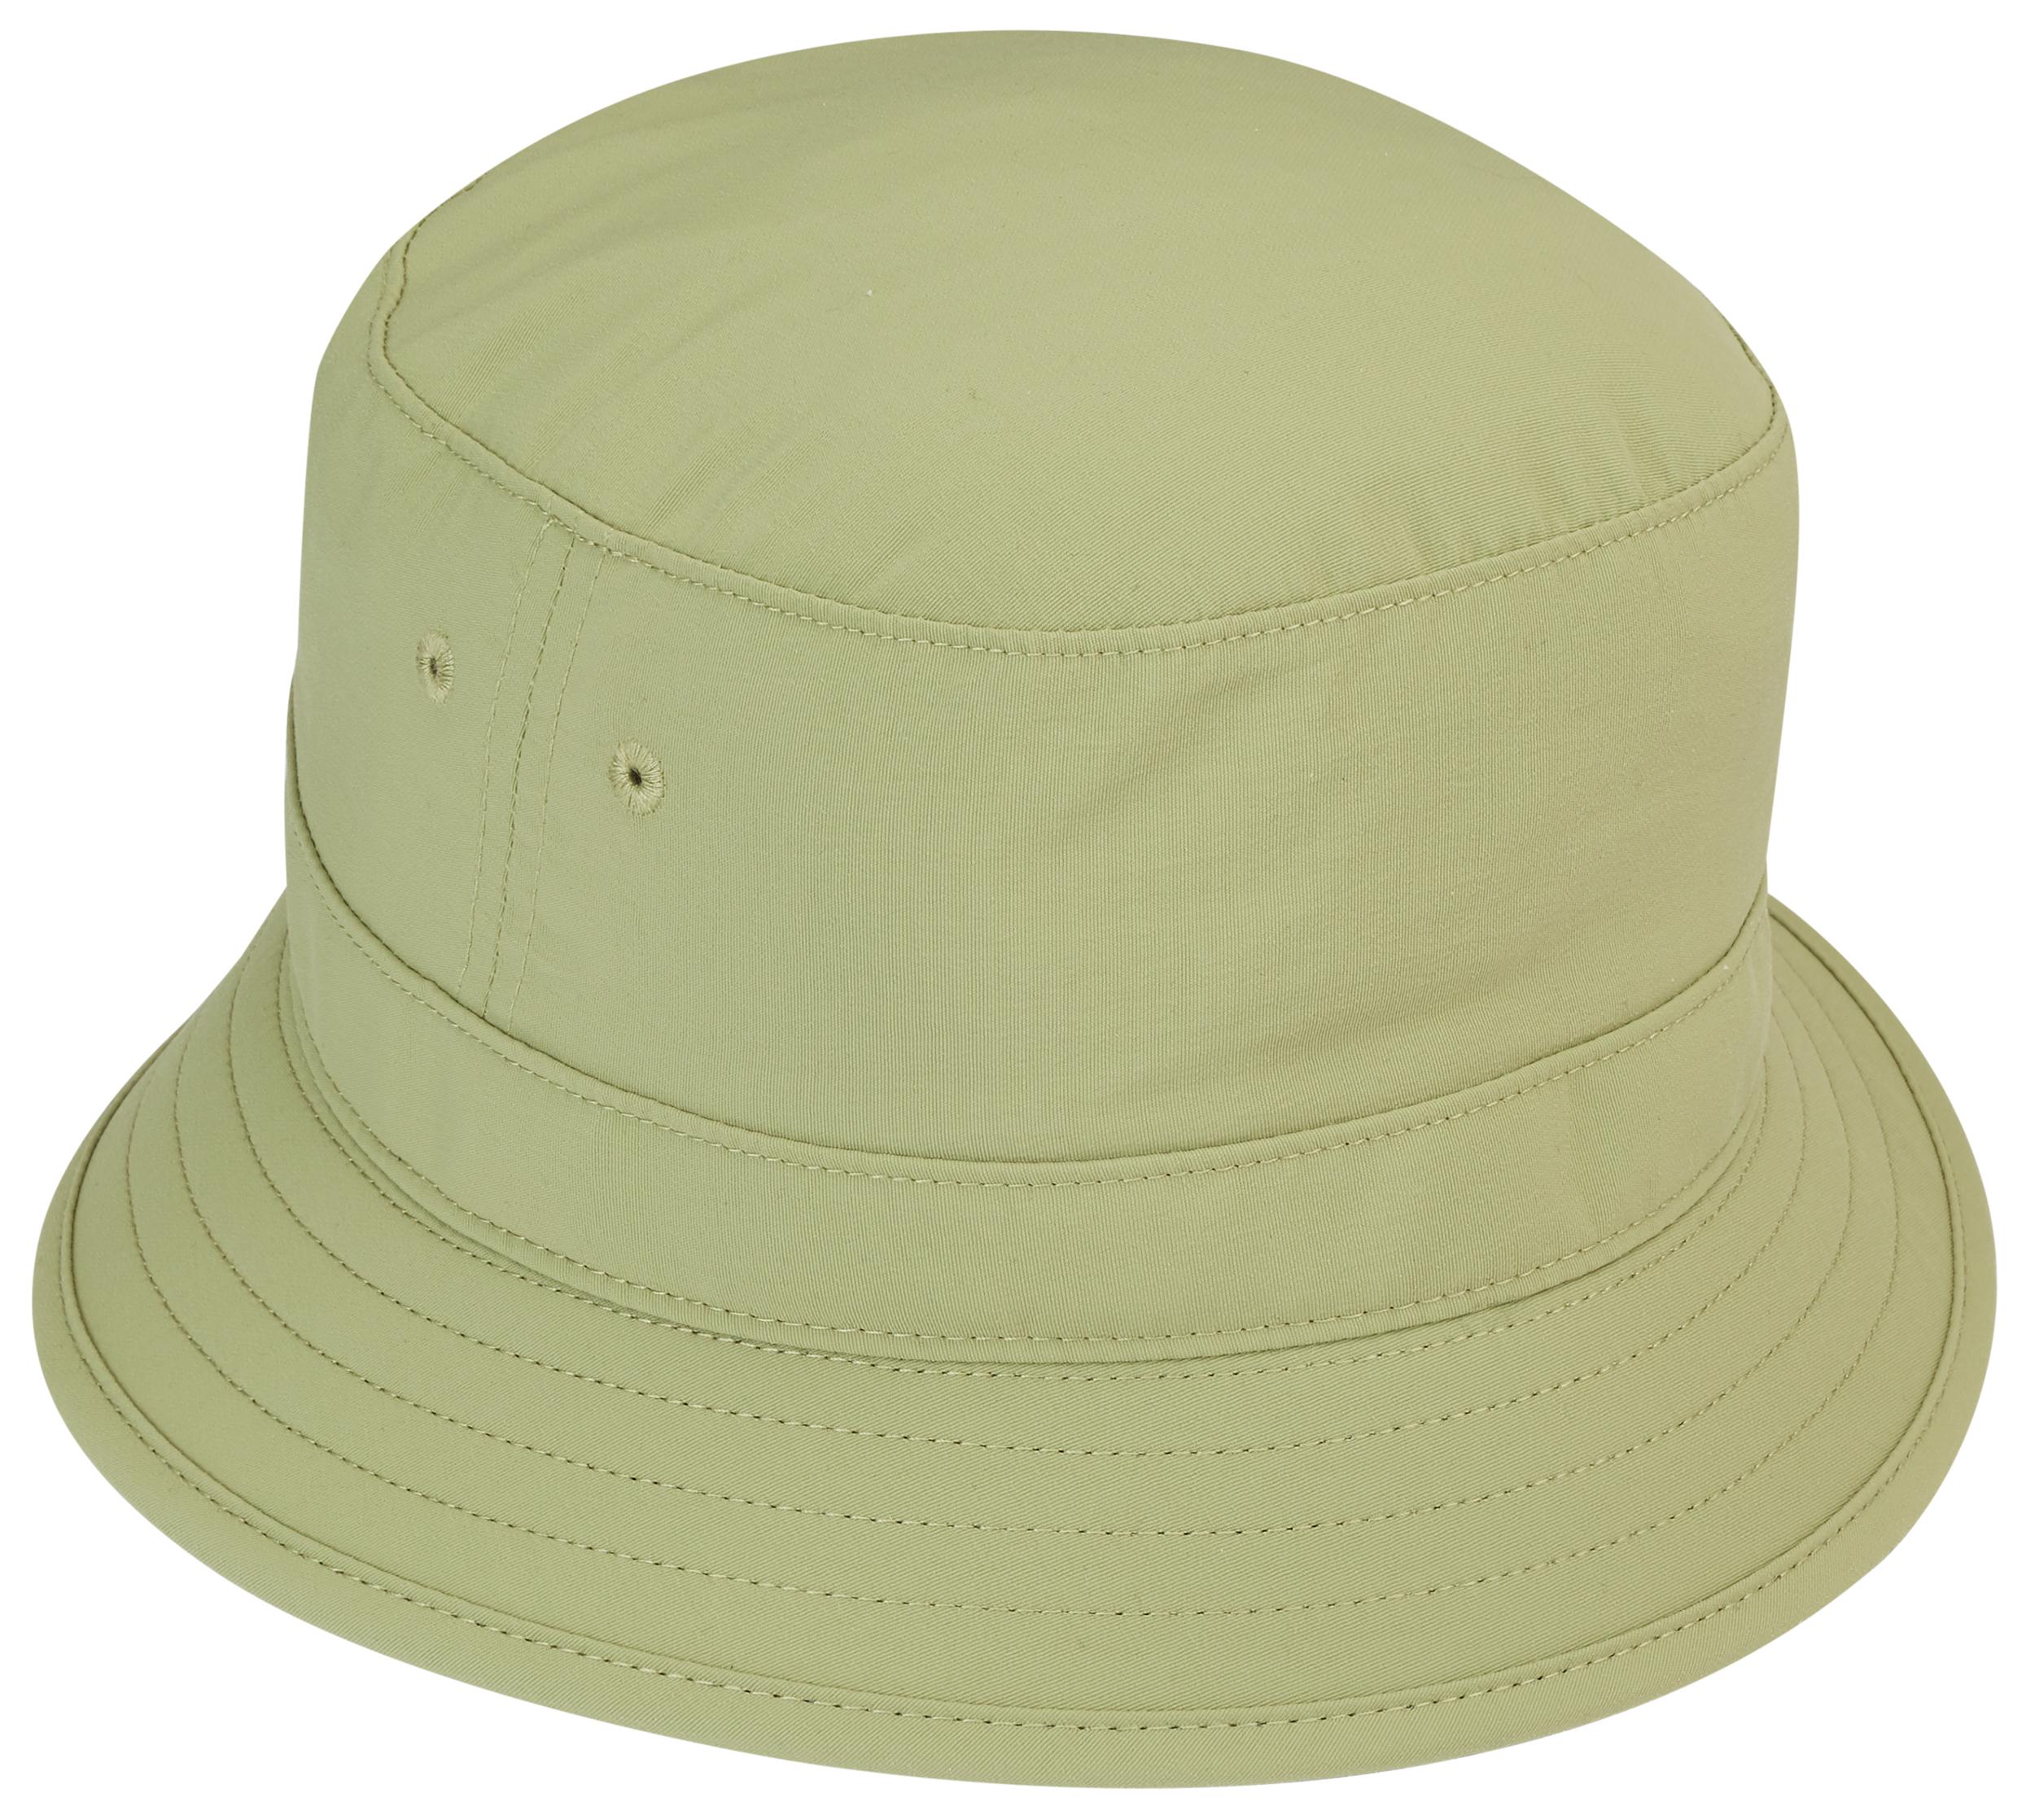 7f5fafc32 Hats and toques | MEC